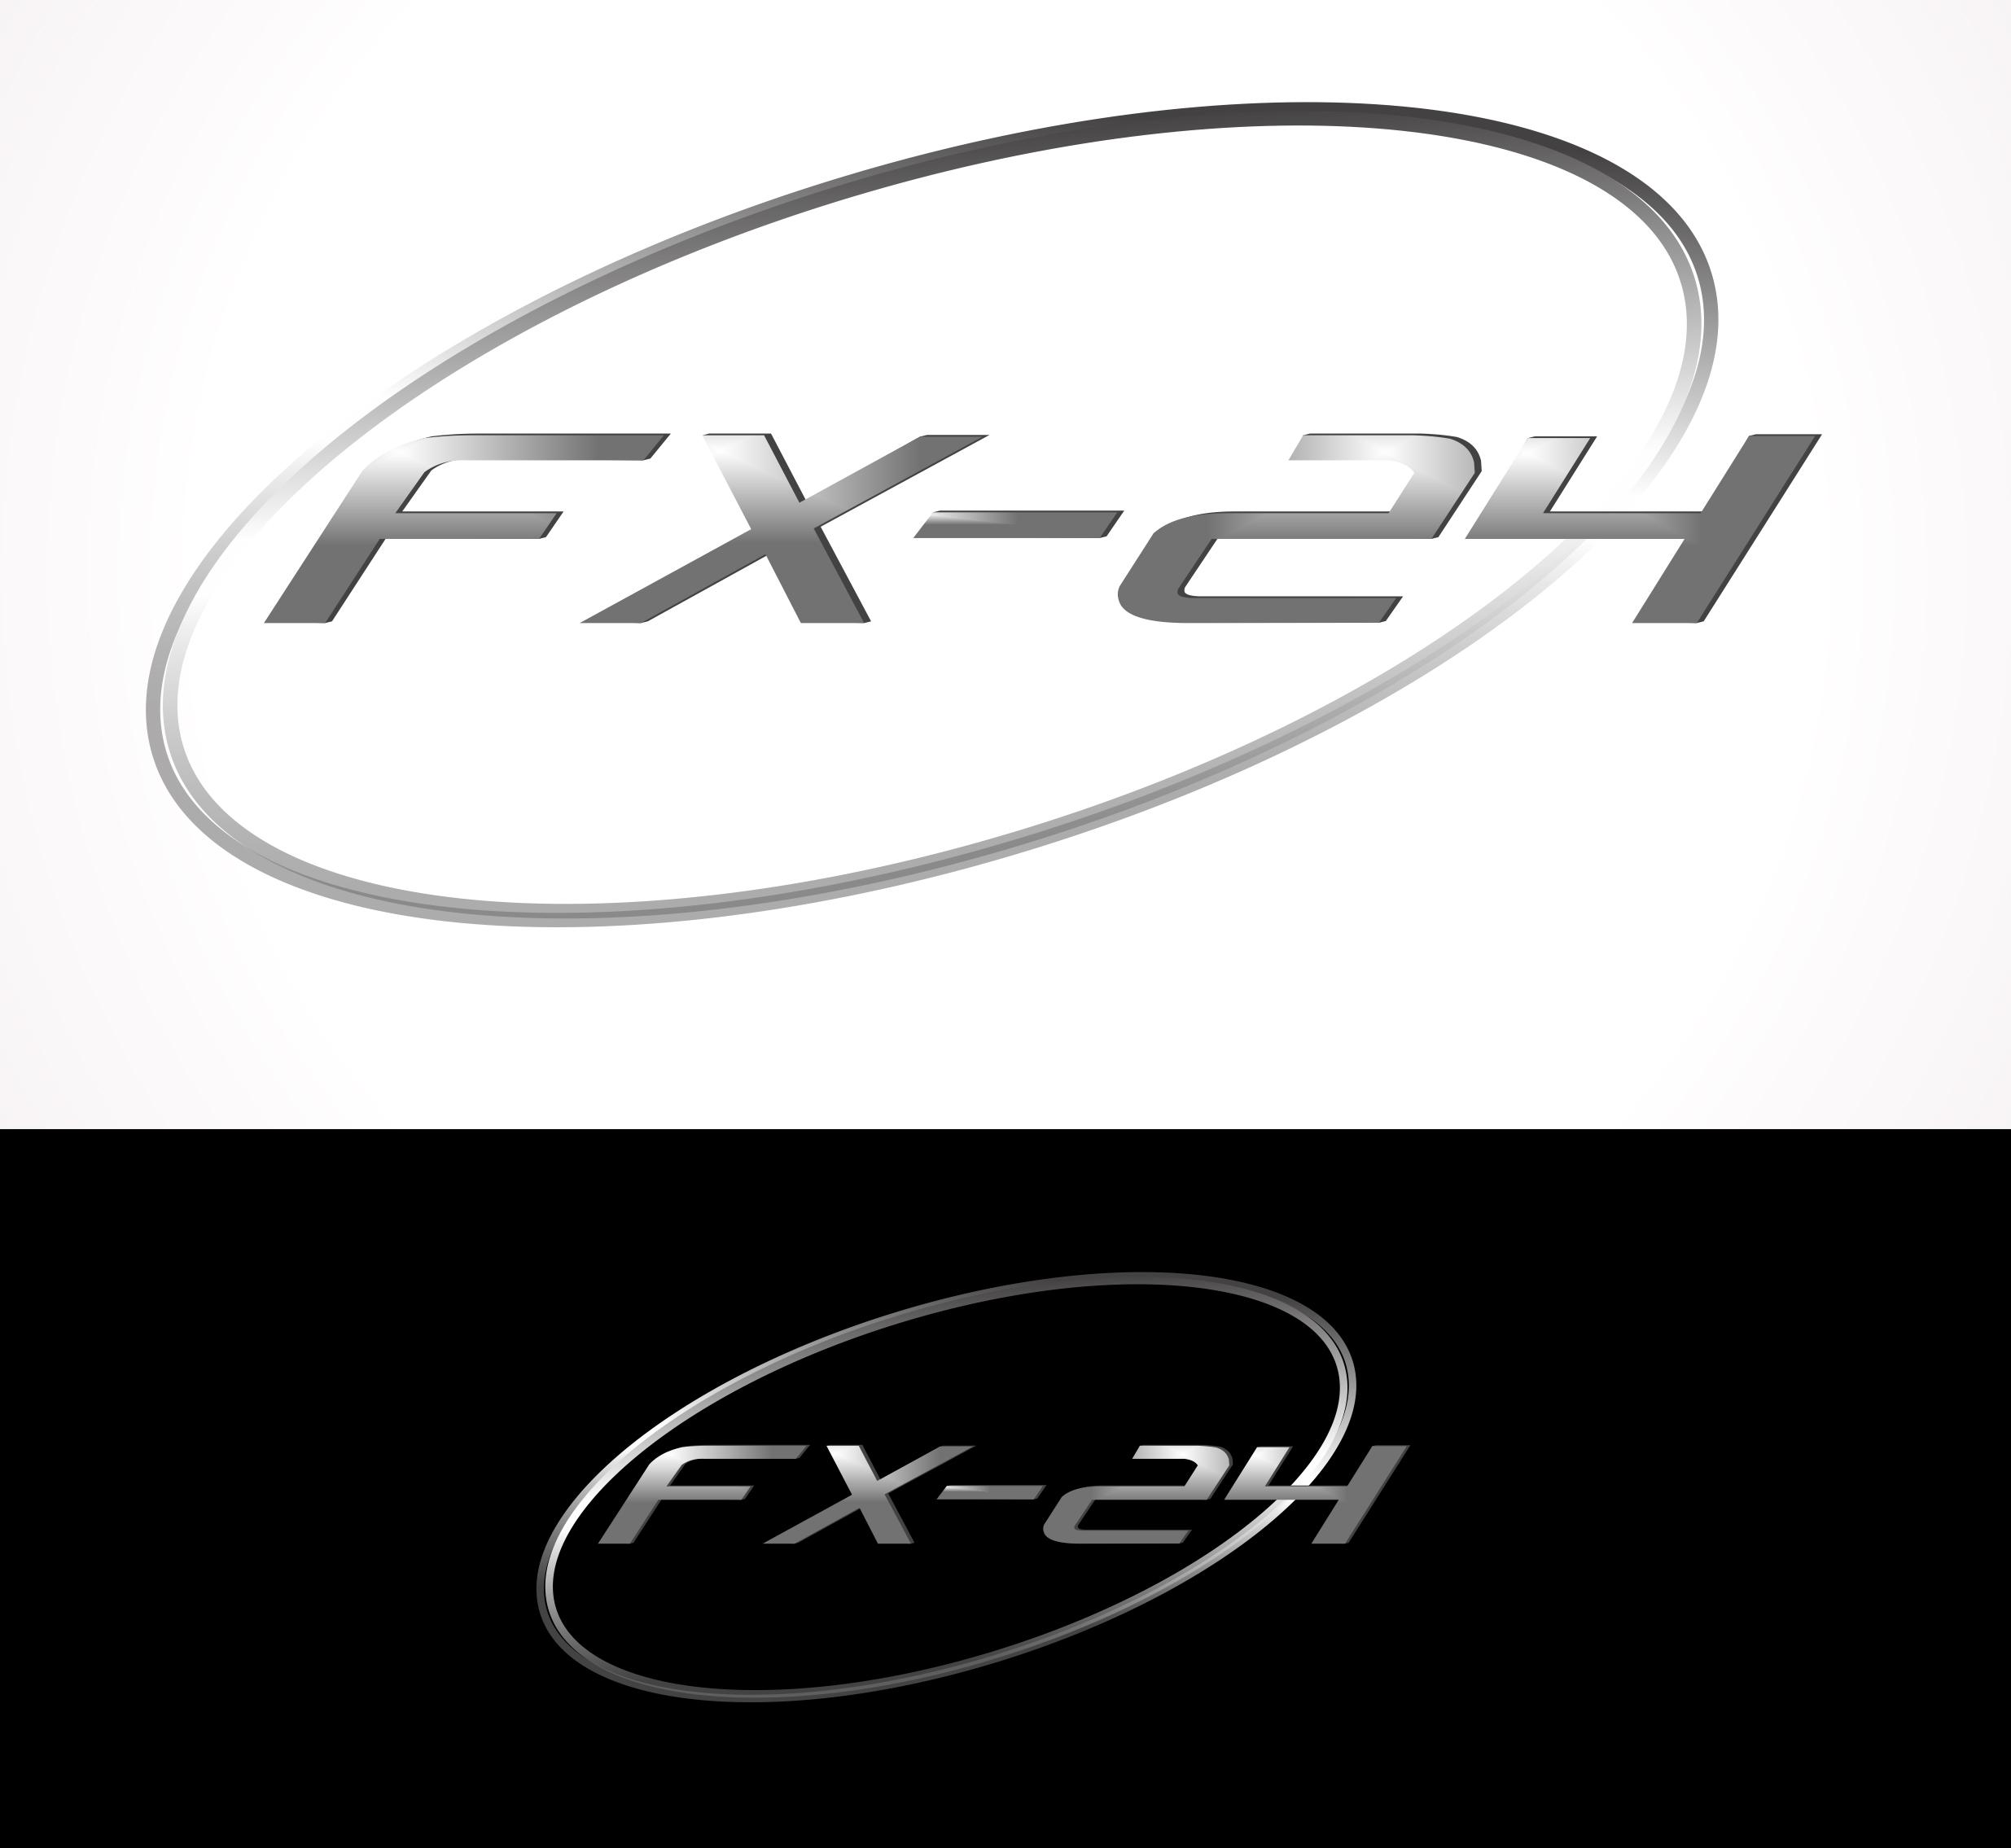 Разработка логотипа компании FX-24 фото f_563545a7243692f4.jpg